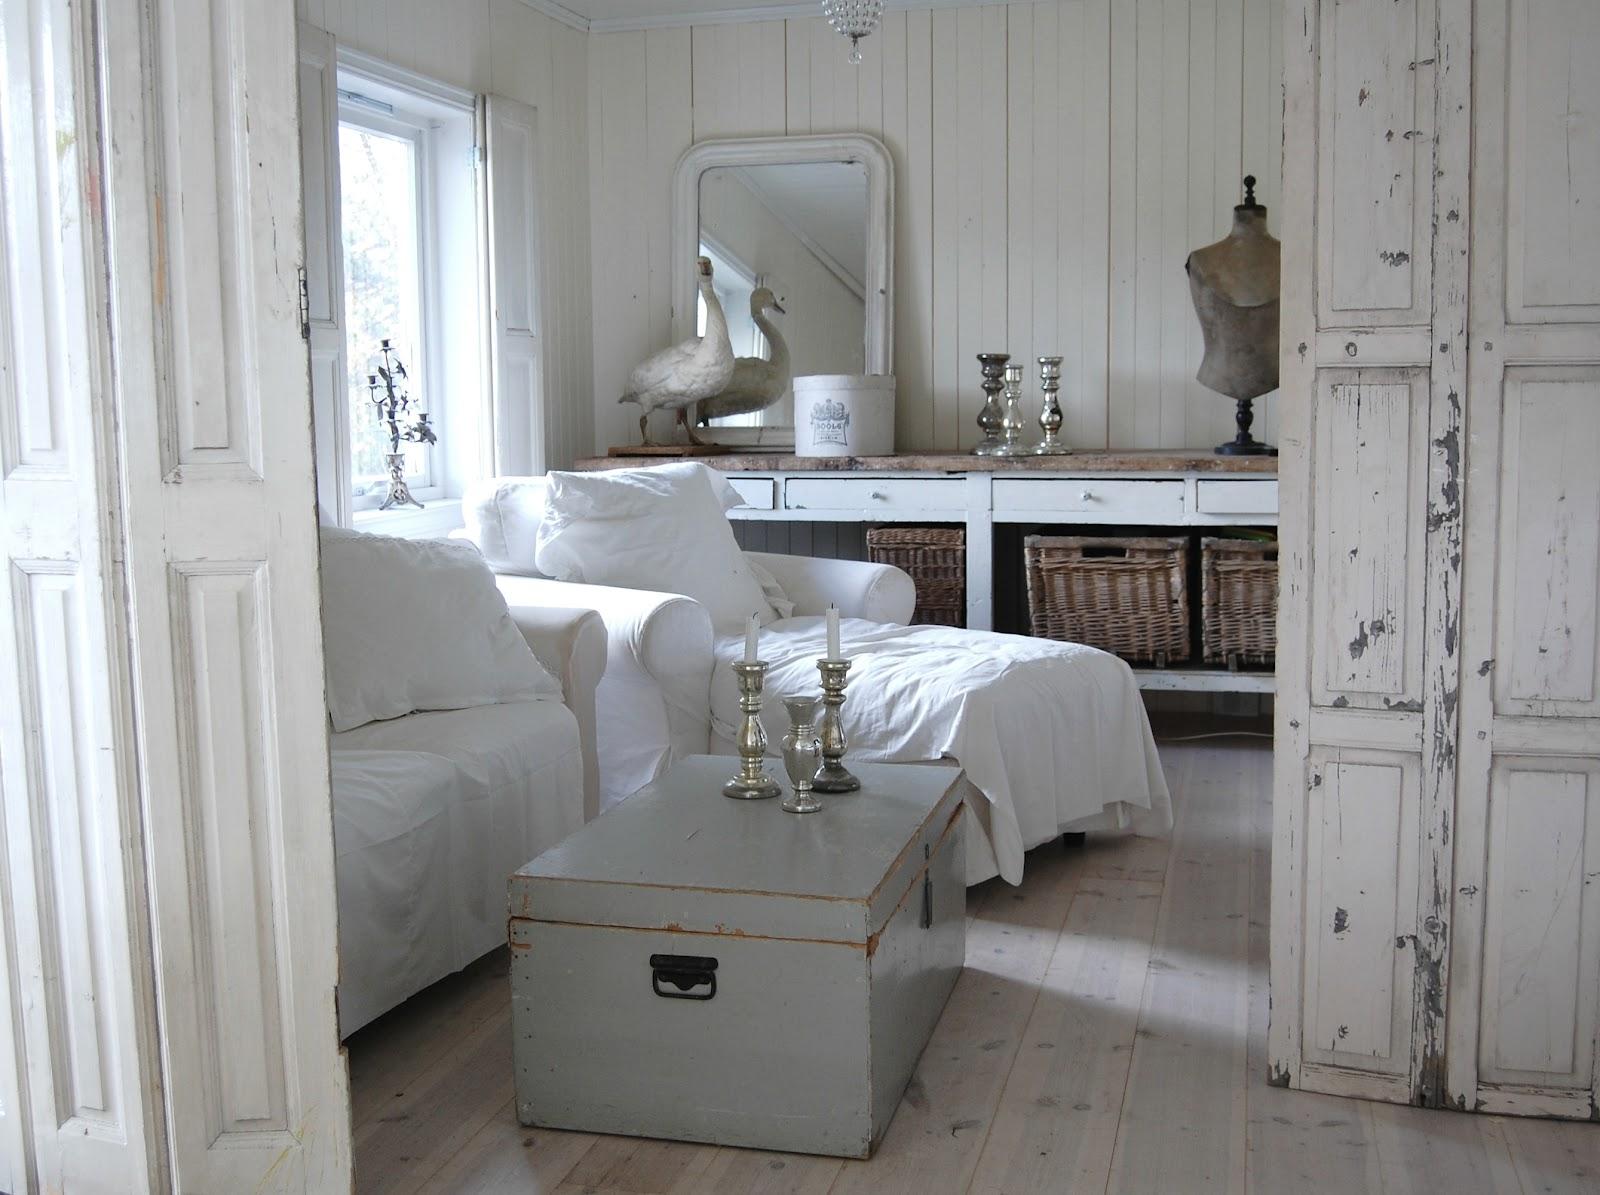 alberte l rdag og h stferie. Black Bedroom Furniture Sets. Home Design Ideas